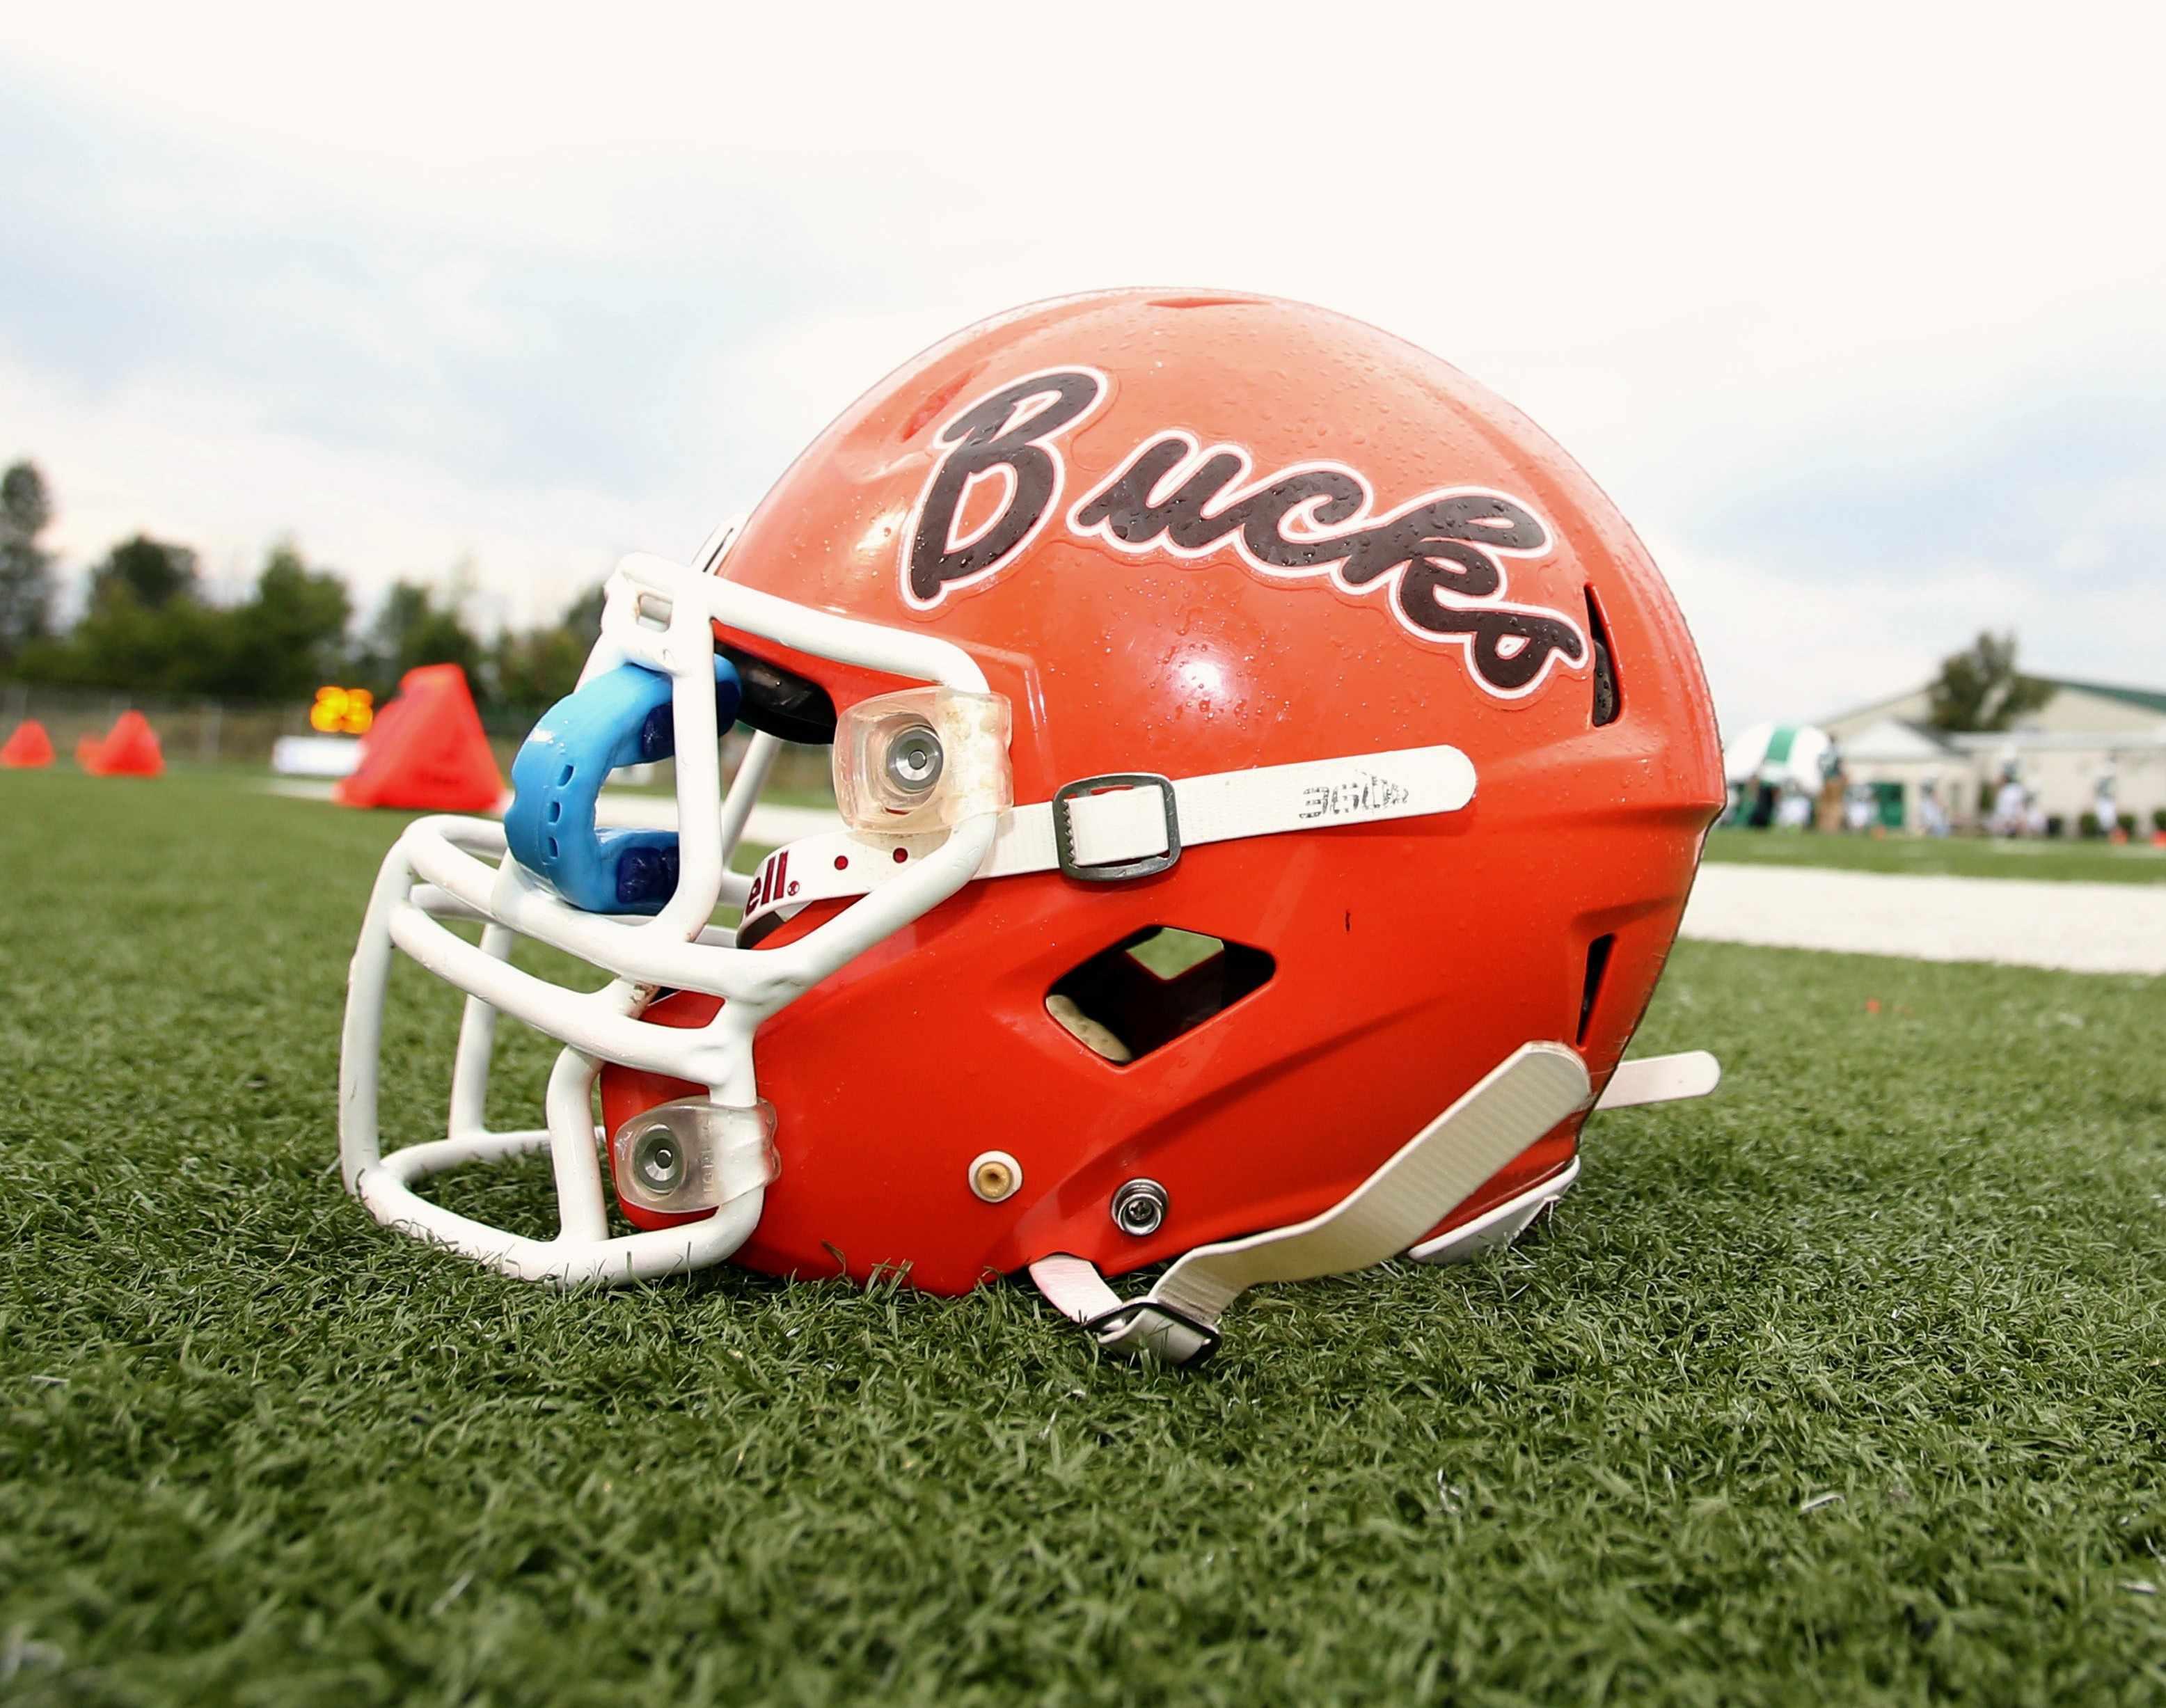 2015 Bucks Helmet On Field